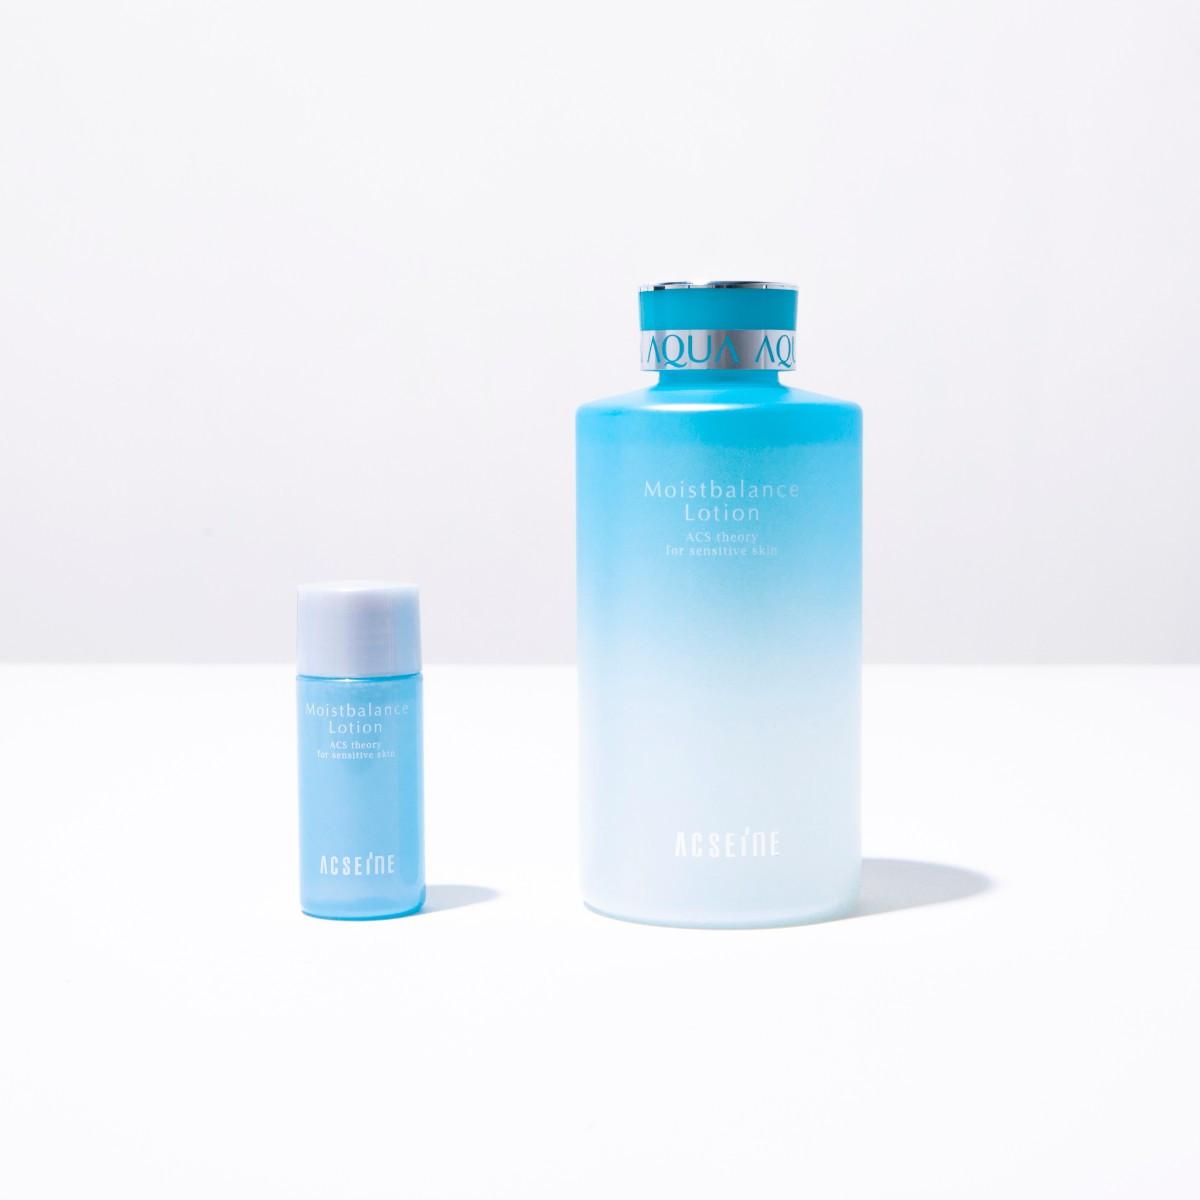 乾き知らずの肌へ! 敏感肌にも安心なアクセーヌの化粧水【ちいサンプル】_1_1